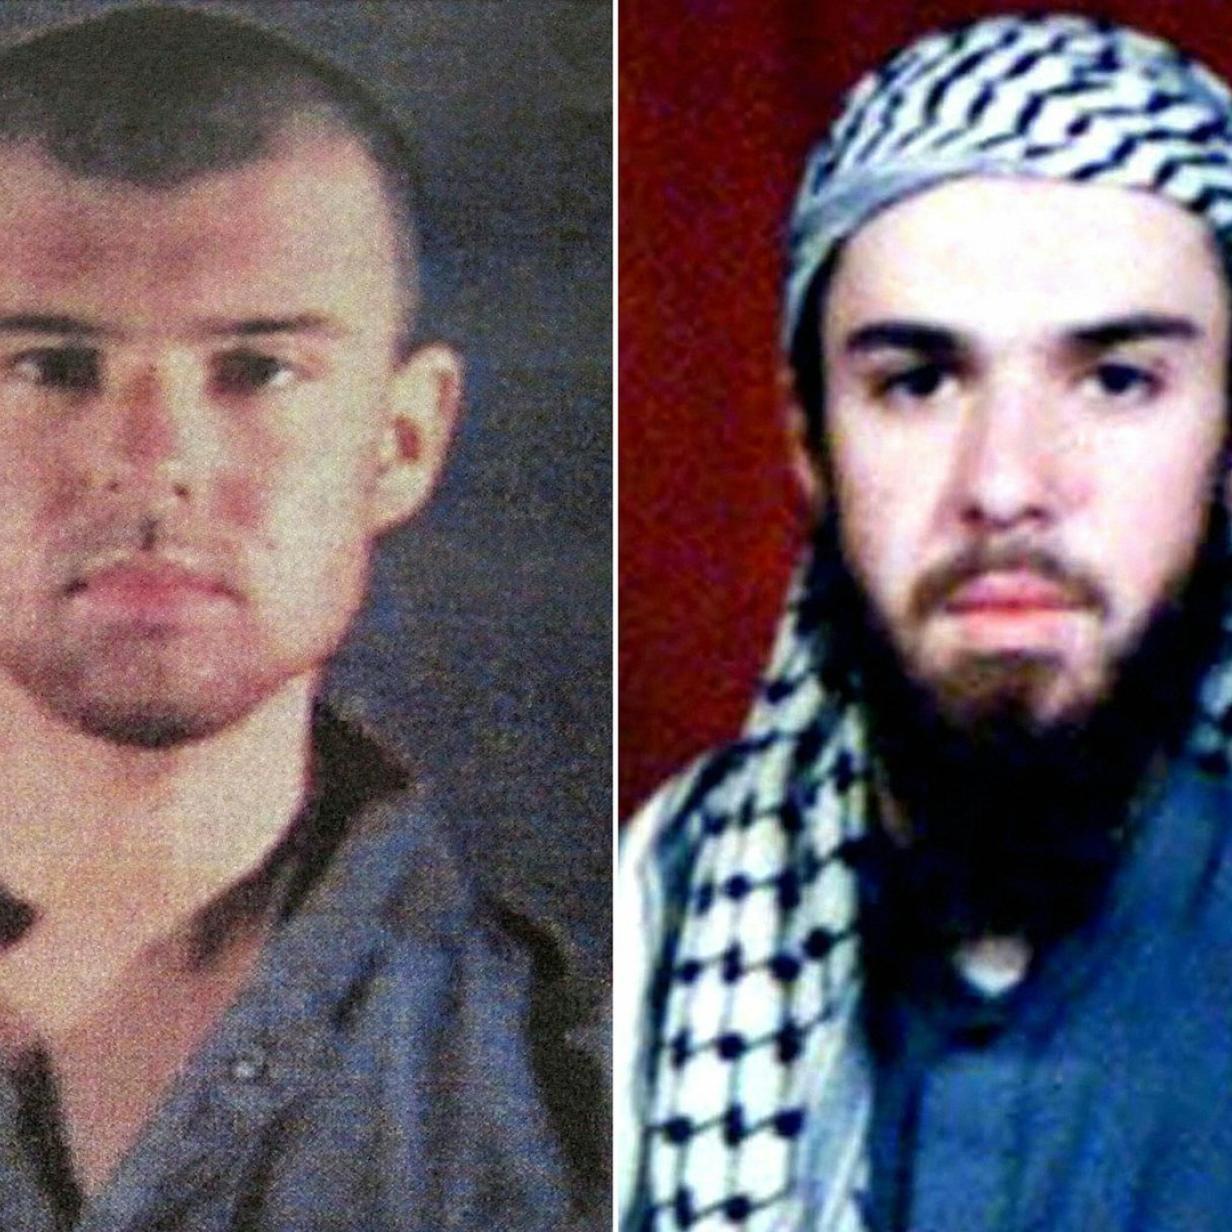 """Nach 17 Jahren: """"Amerikanischer Taliban"""" wurde aus Haft entlassen"""